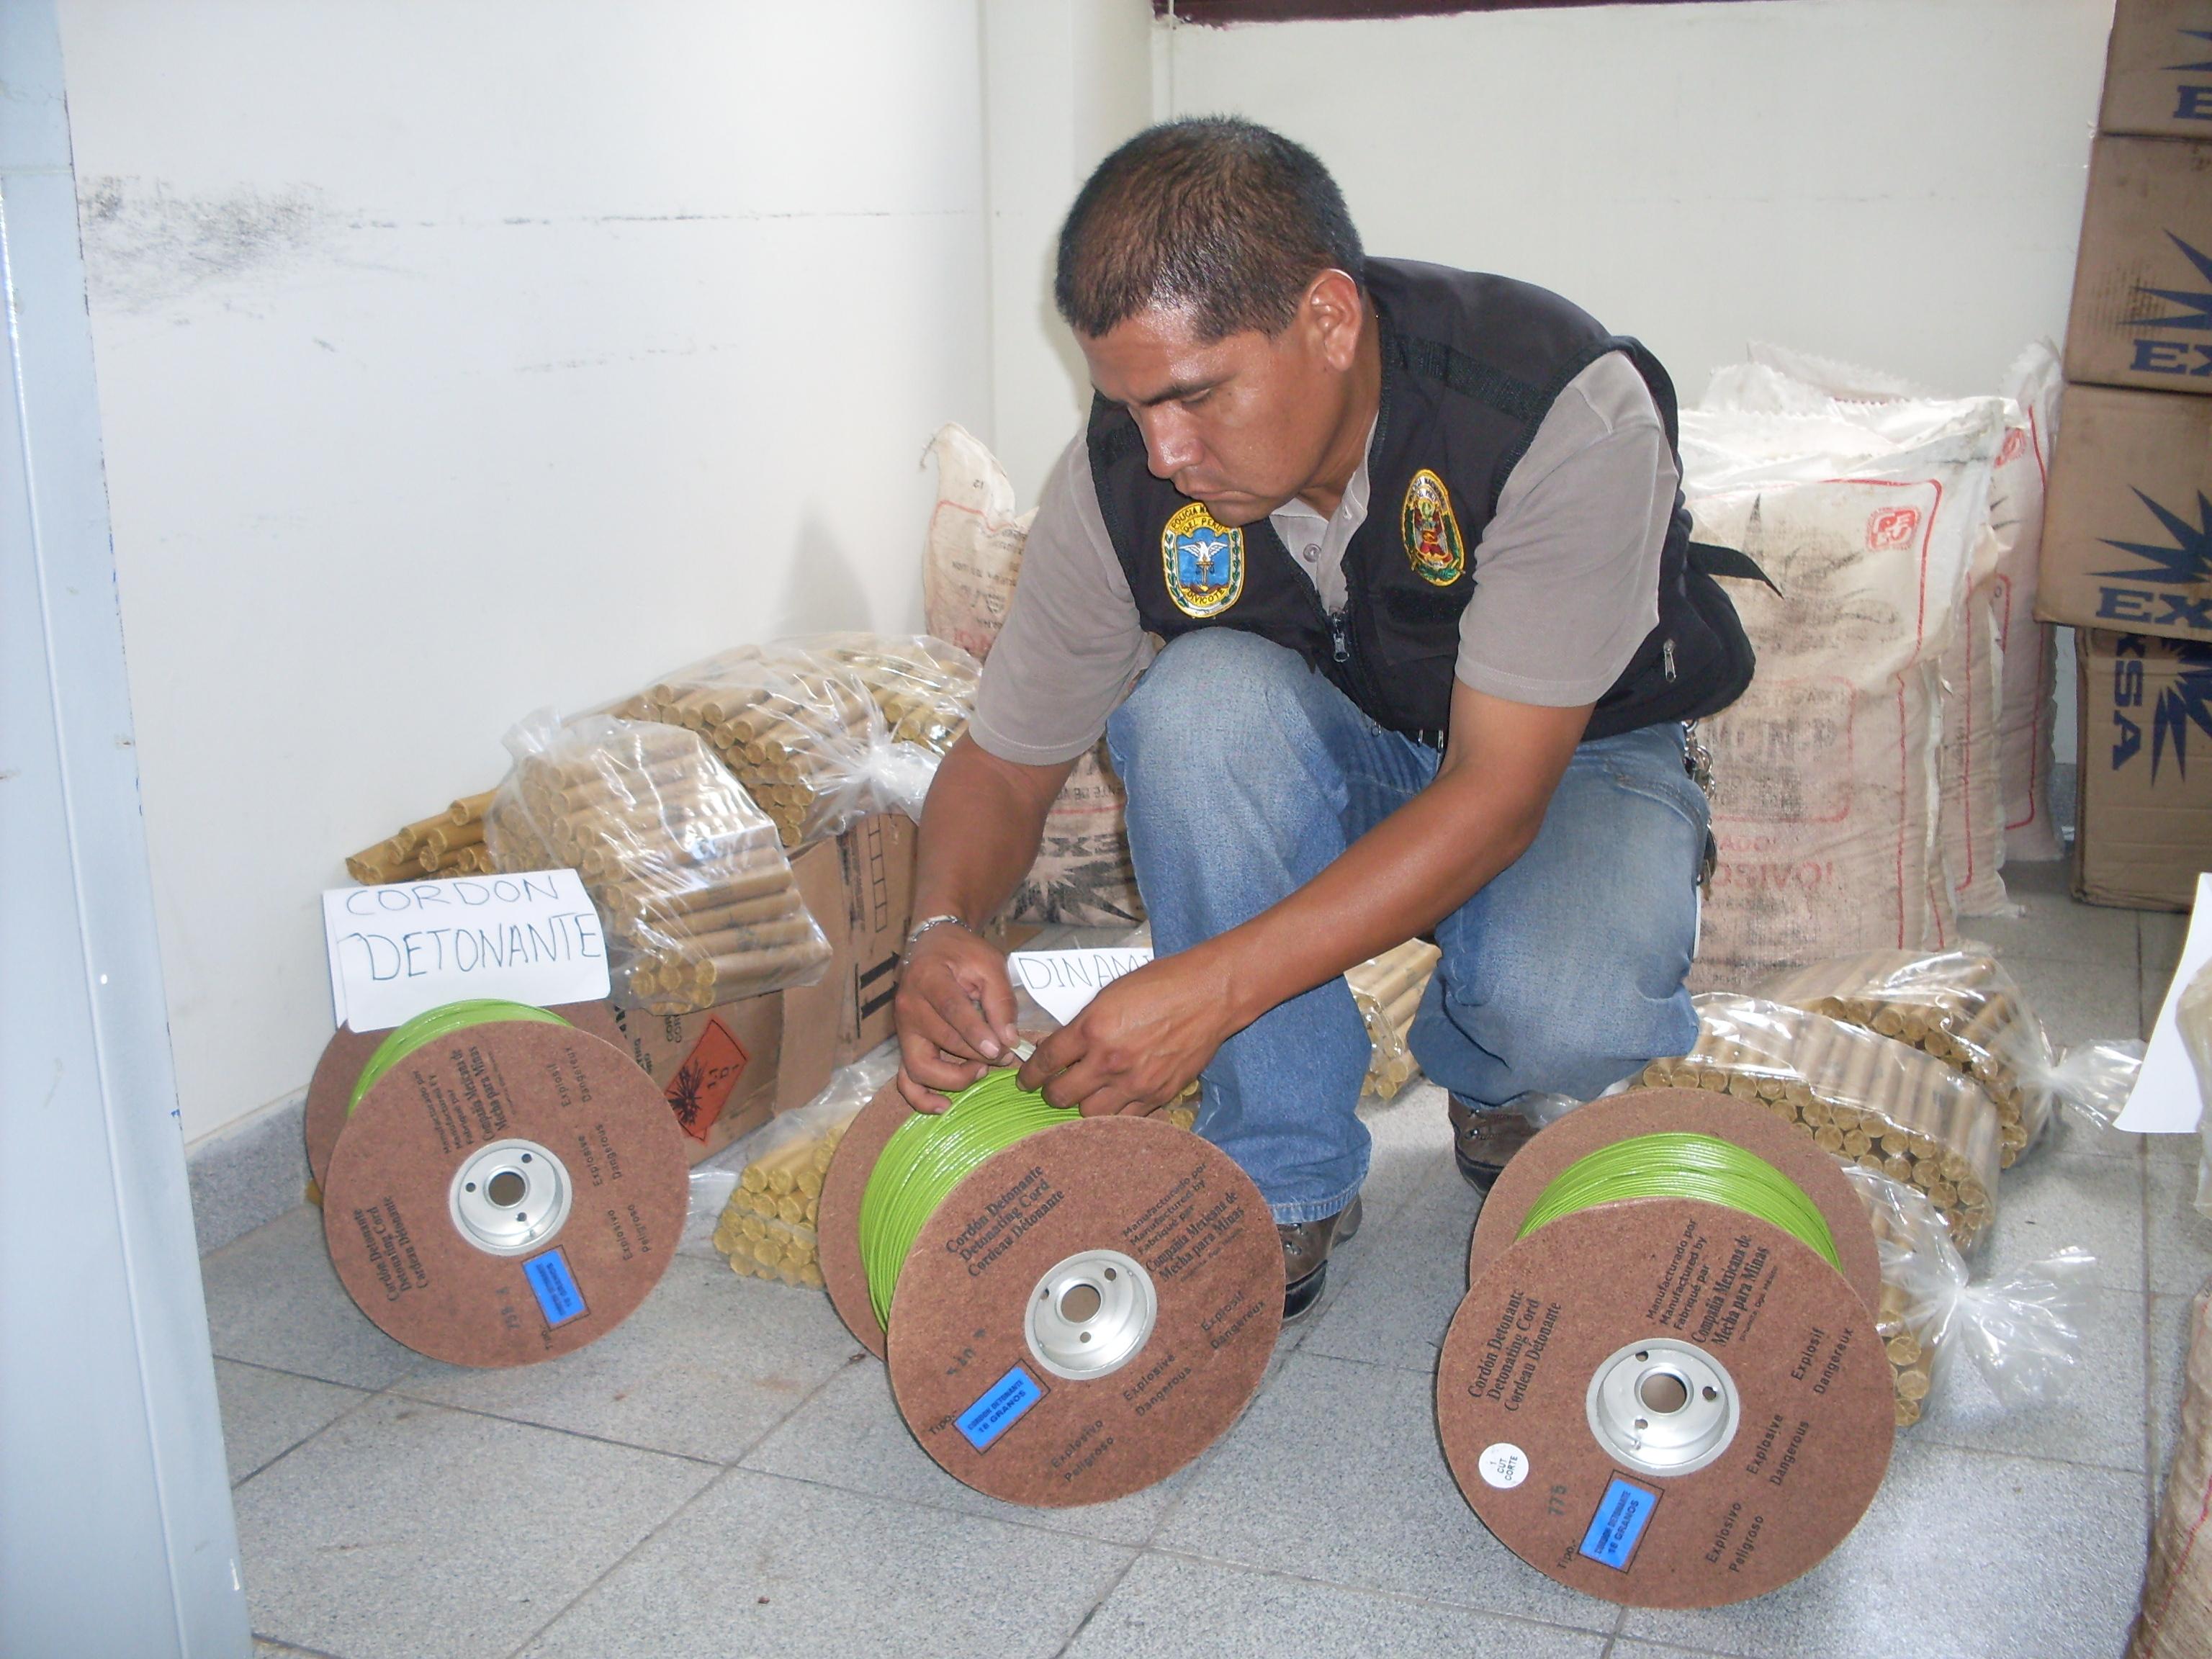 Saisie d'explosif destinés à la guérilla maoïste au Pérou